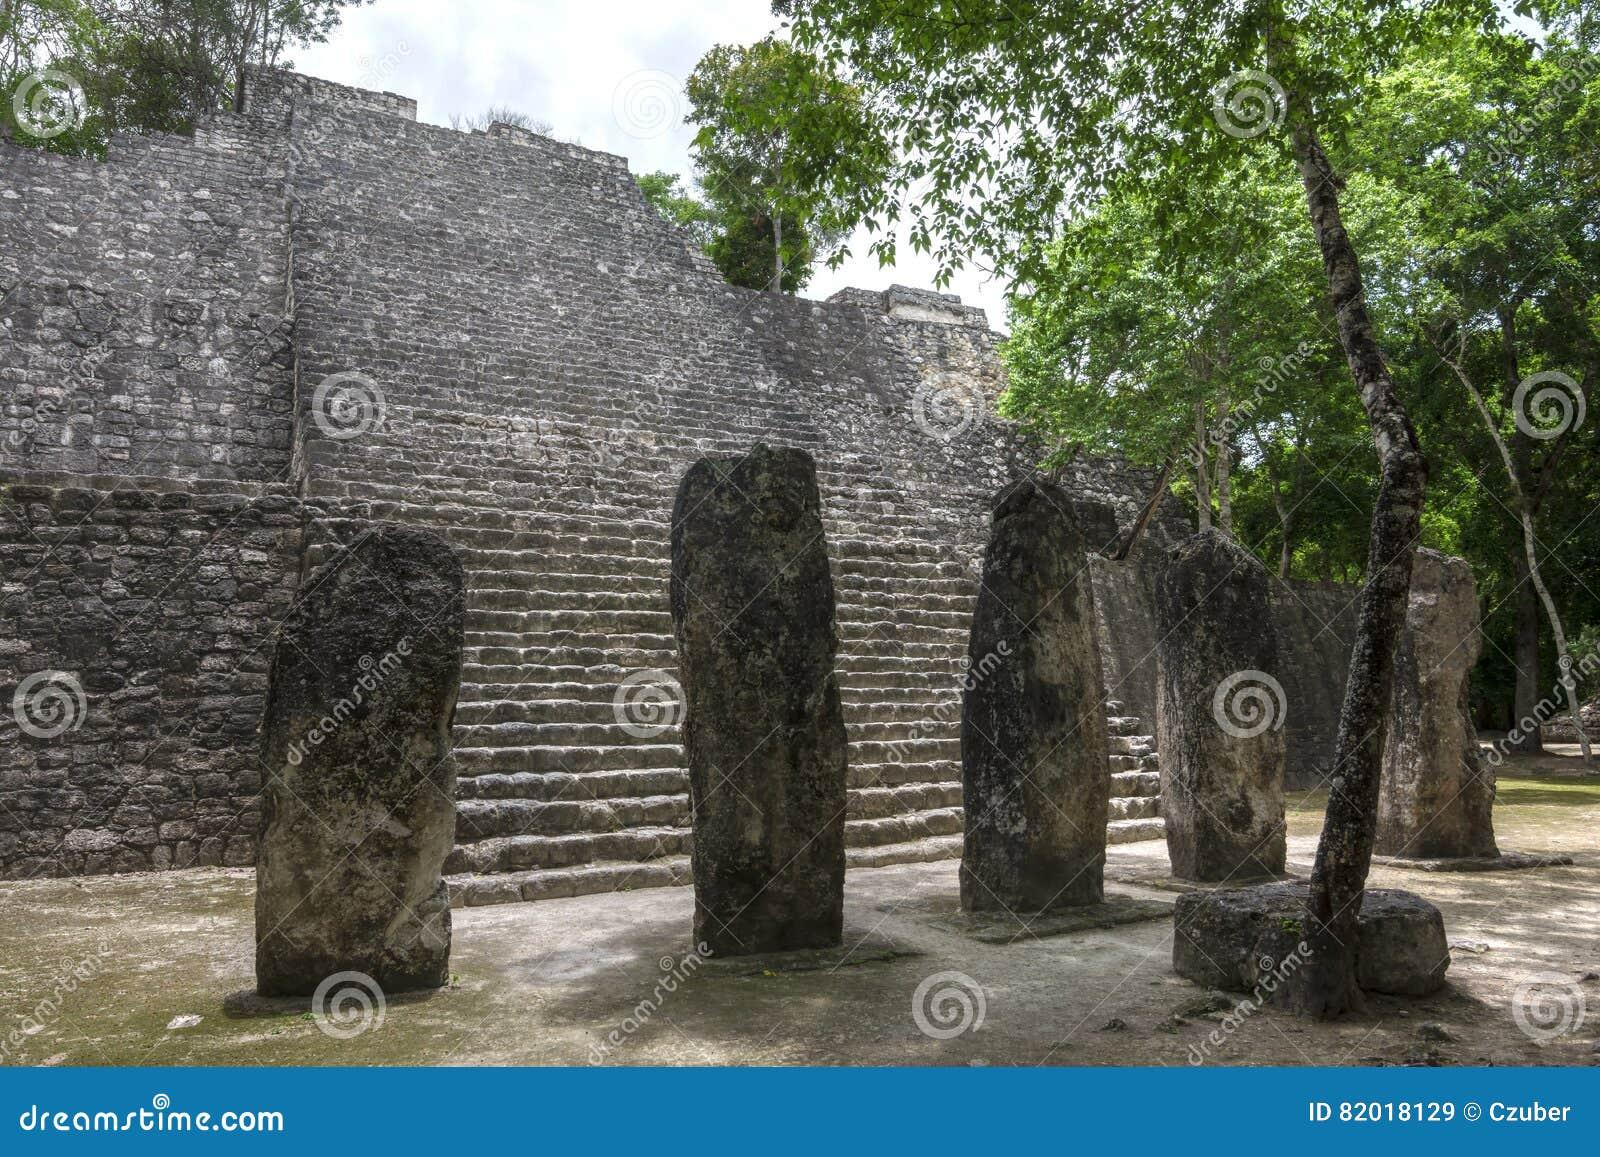 Calakmul pyramid structure VII